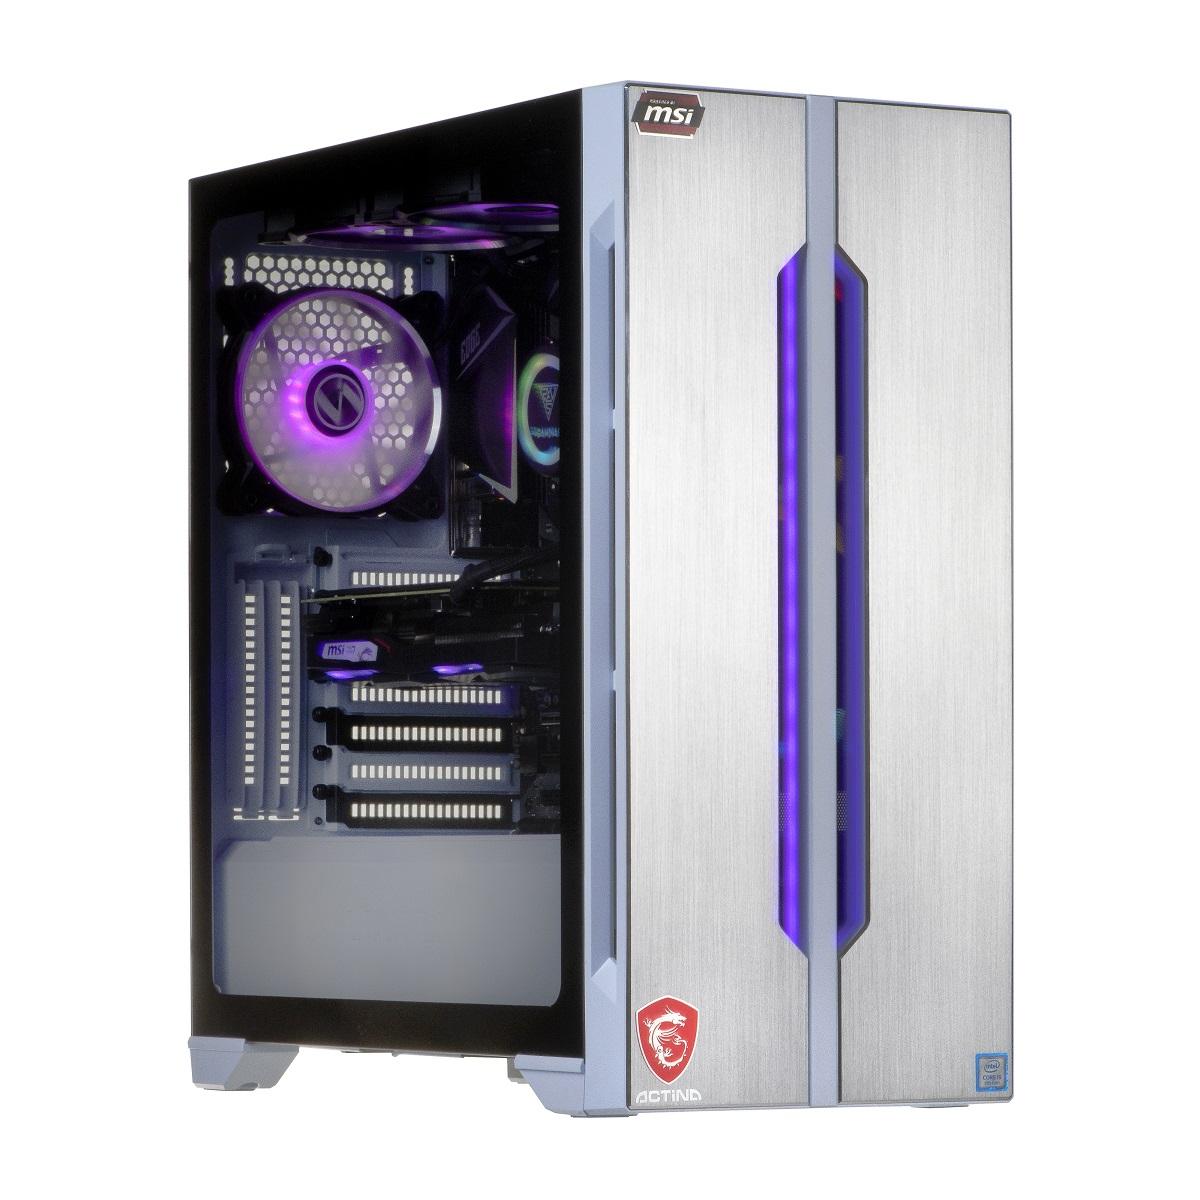 Gotowy PC